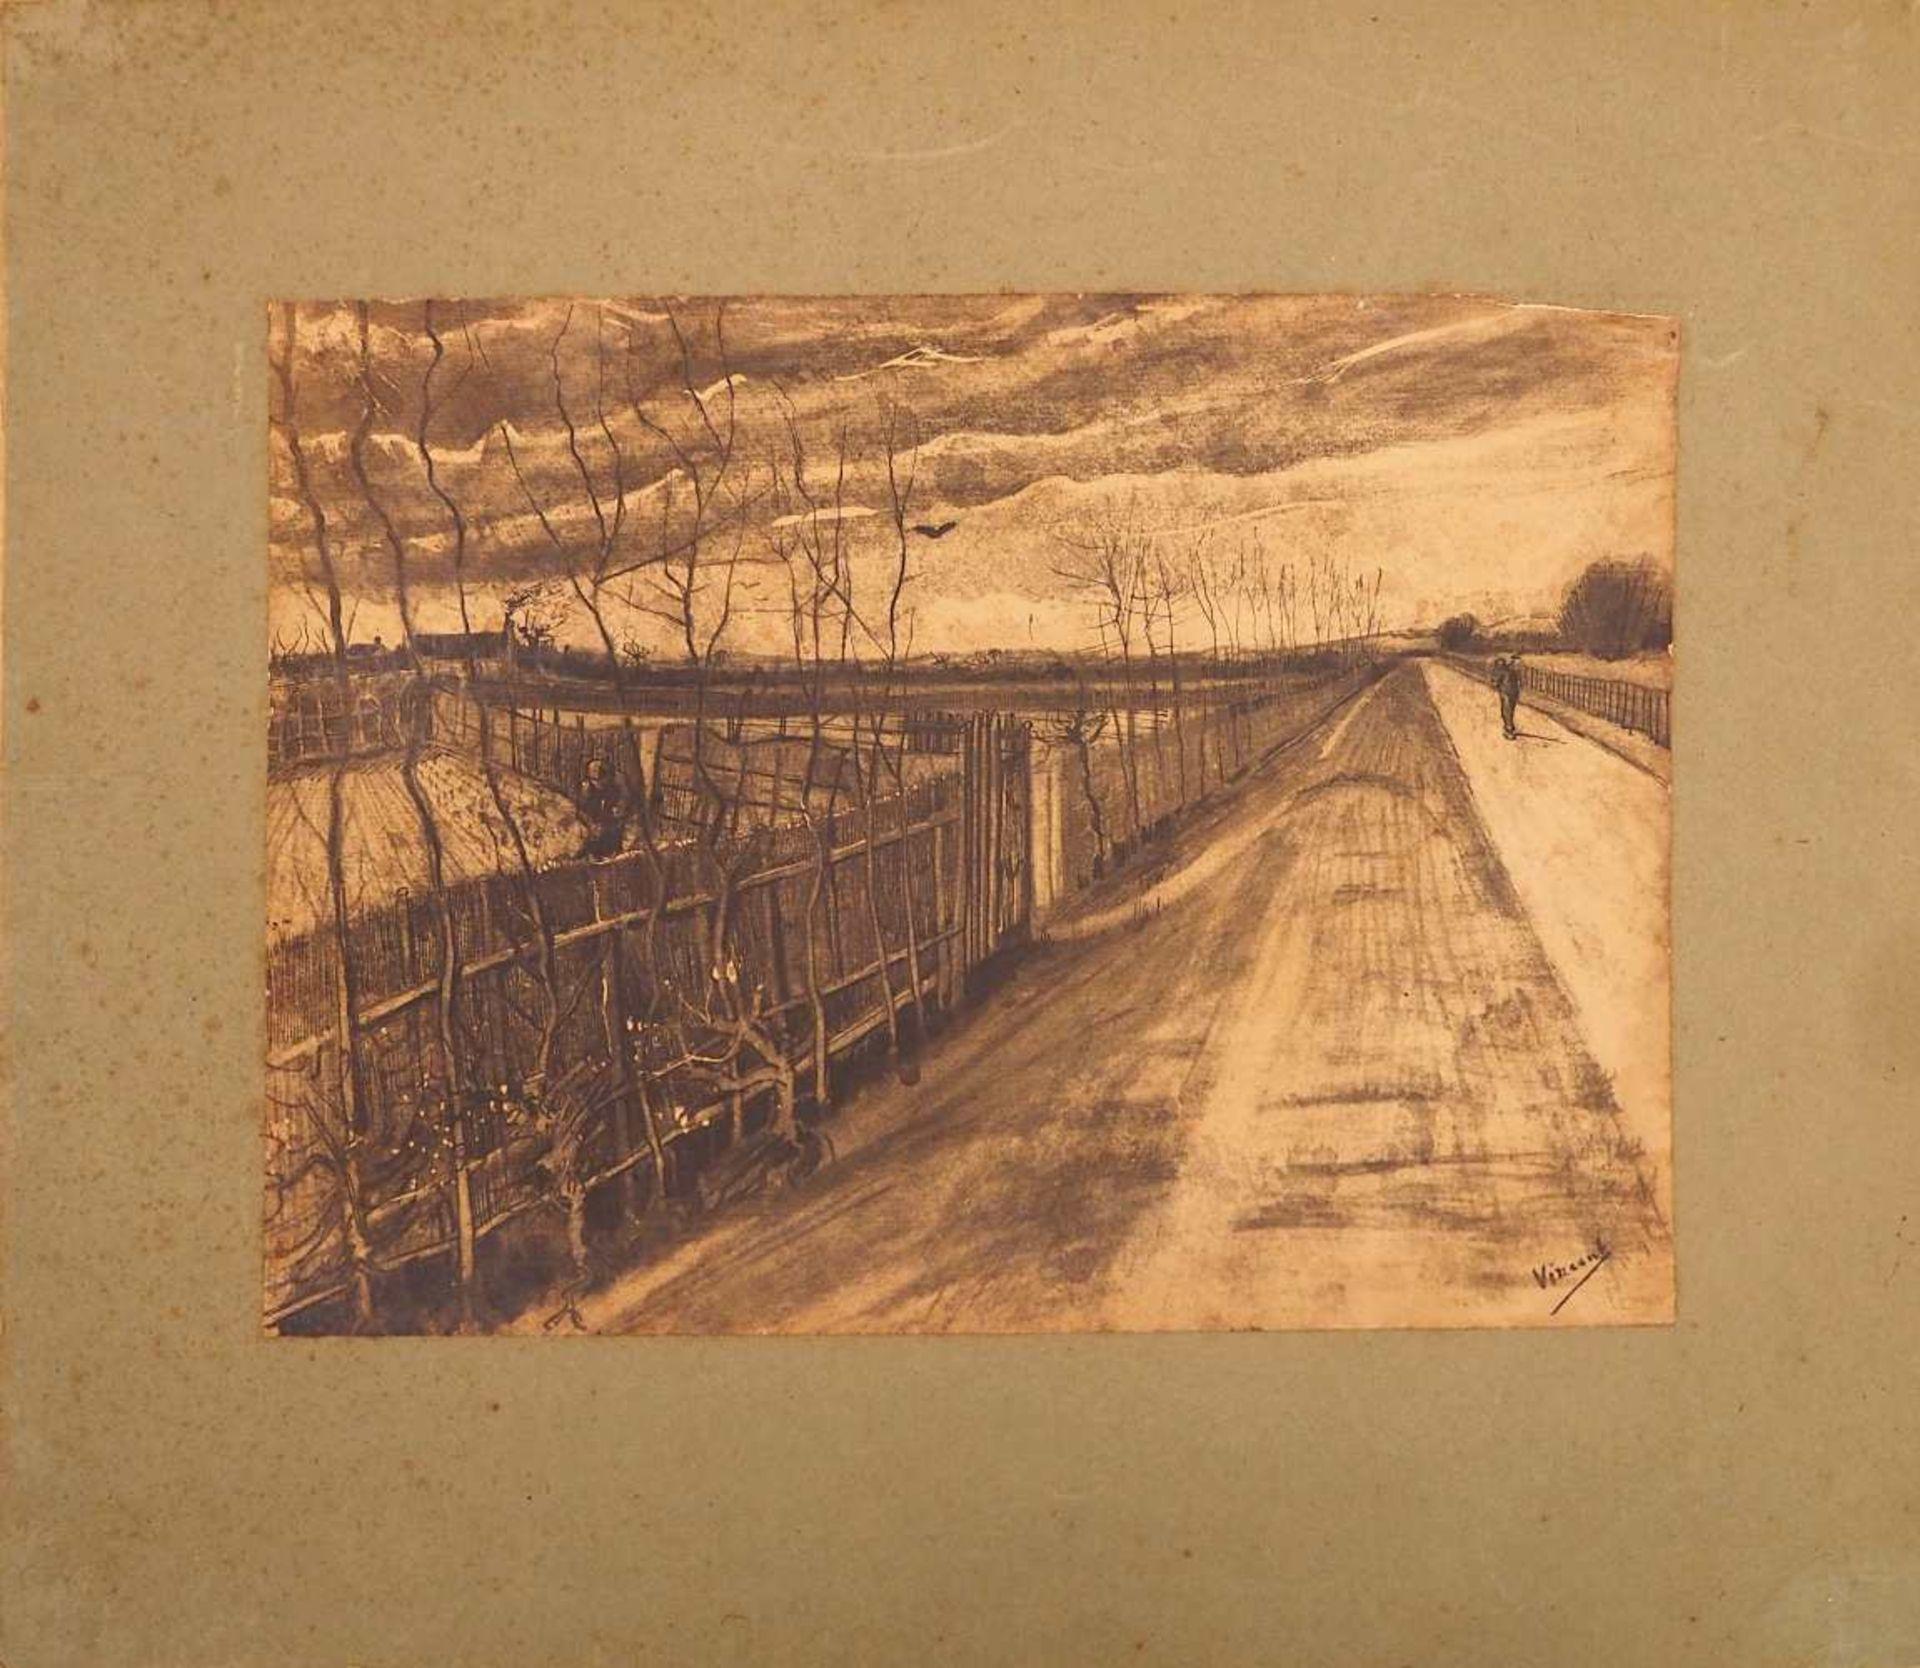 """1 Isographie """"Feldweg mit Bauern""""/rücks. wohl niederländisch bez. """"Die Gärten des Kaplans"""" R. - Bild 4 aus 6"""